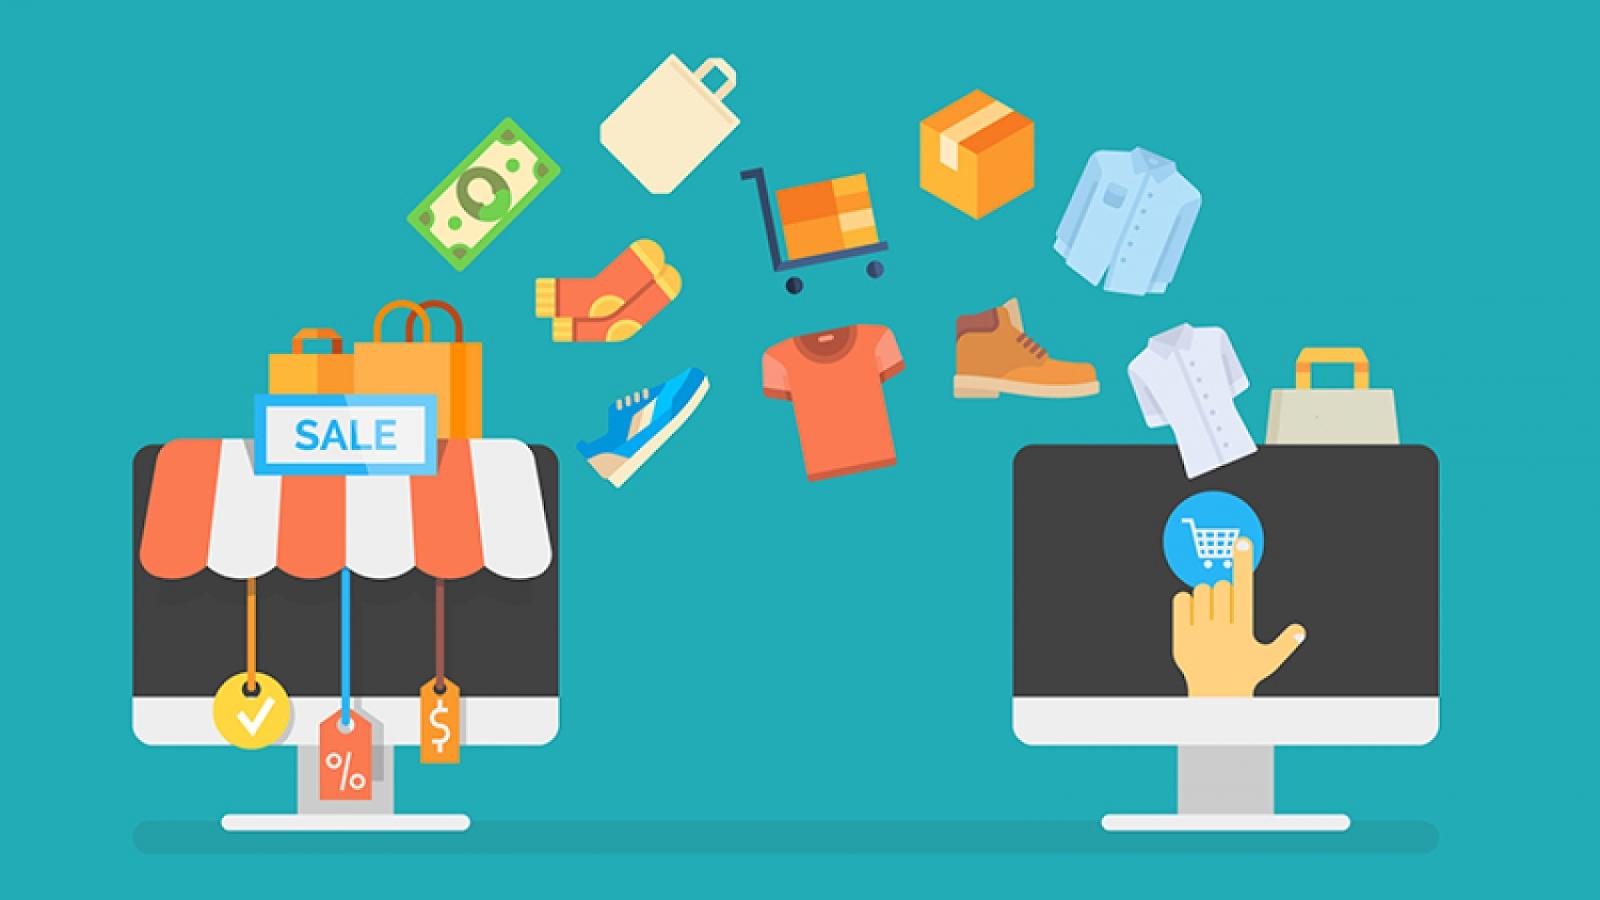 Site phải đầy đủ nội dung, đầy đủ yếu tố để giữ chân người sử dụng, tạo niềm tin để người tiêu dùng lựa chọn sản phẩm mà bạn cung cấp.